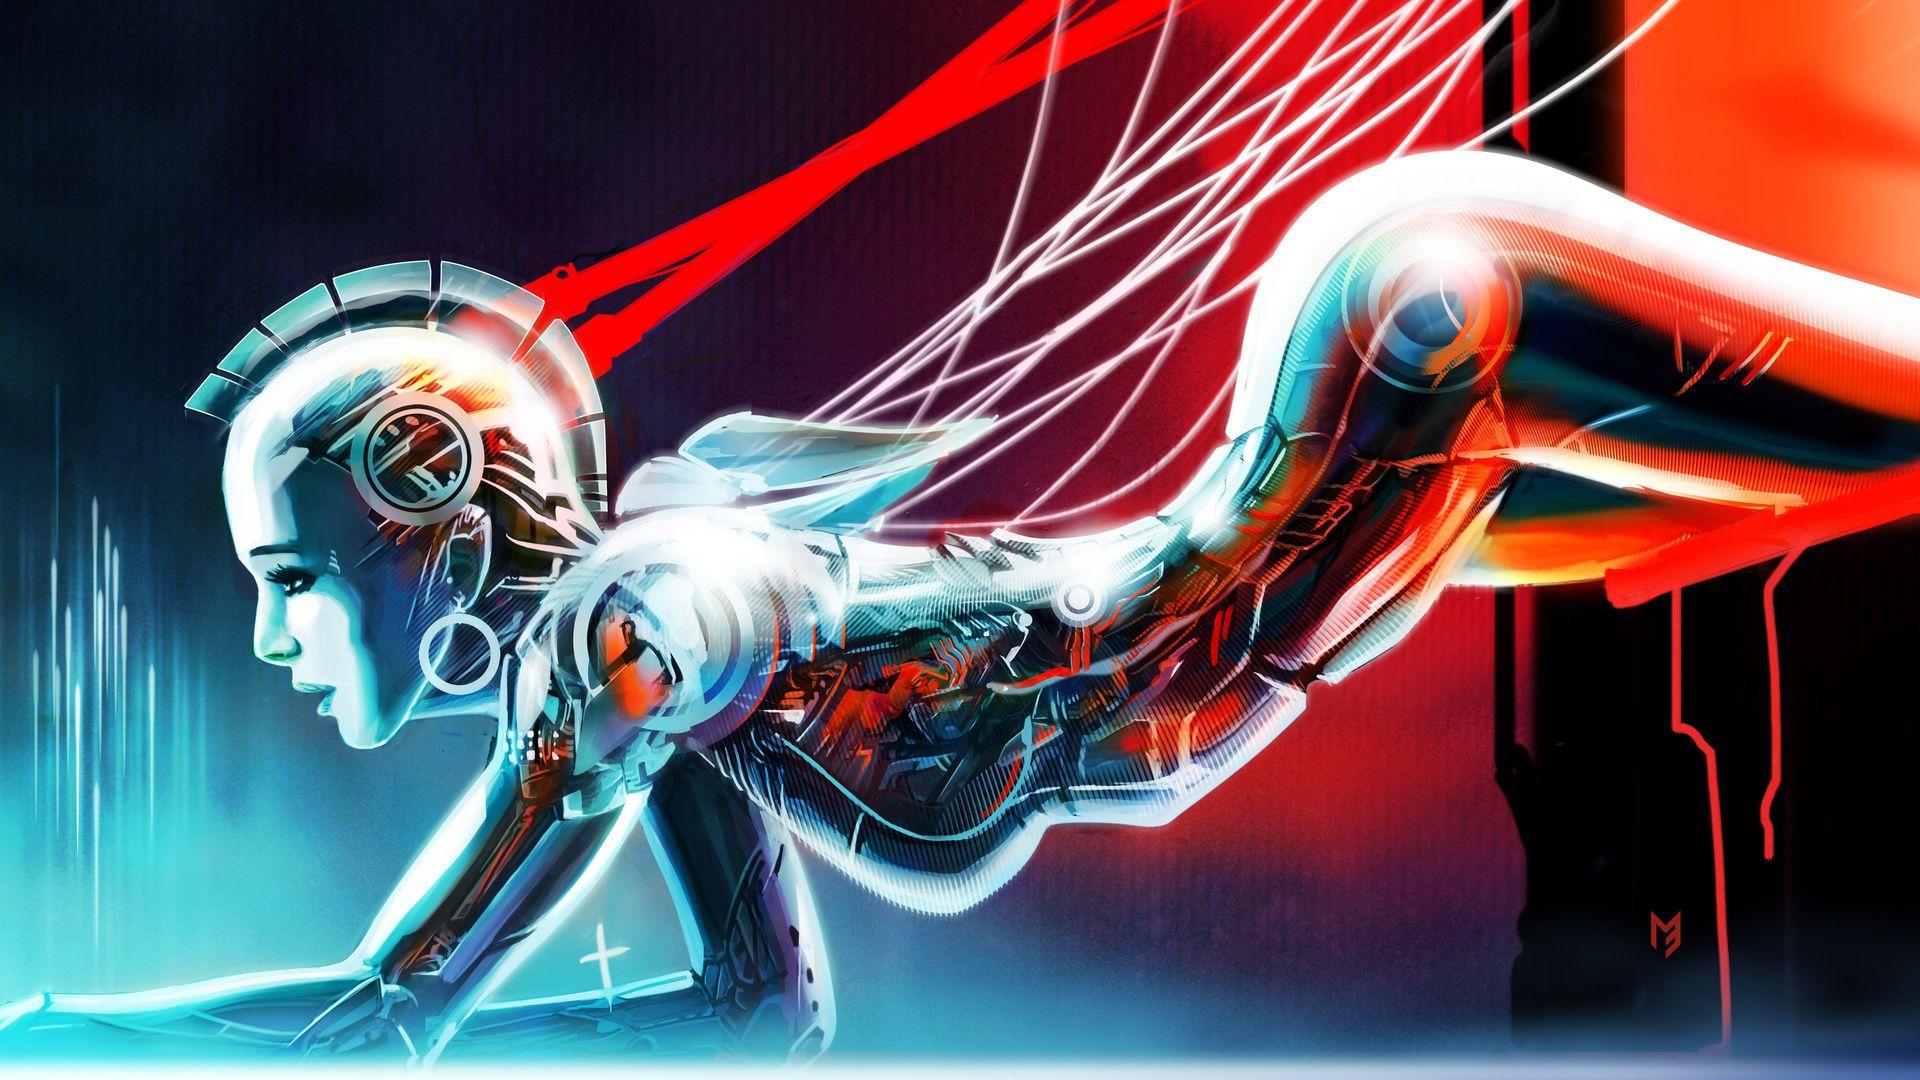 Fond-ecran-hd-science-fiction-wallpaper-2-772 - All-images | Robot wallpaper, Robot girl, Cyborg